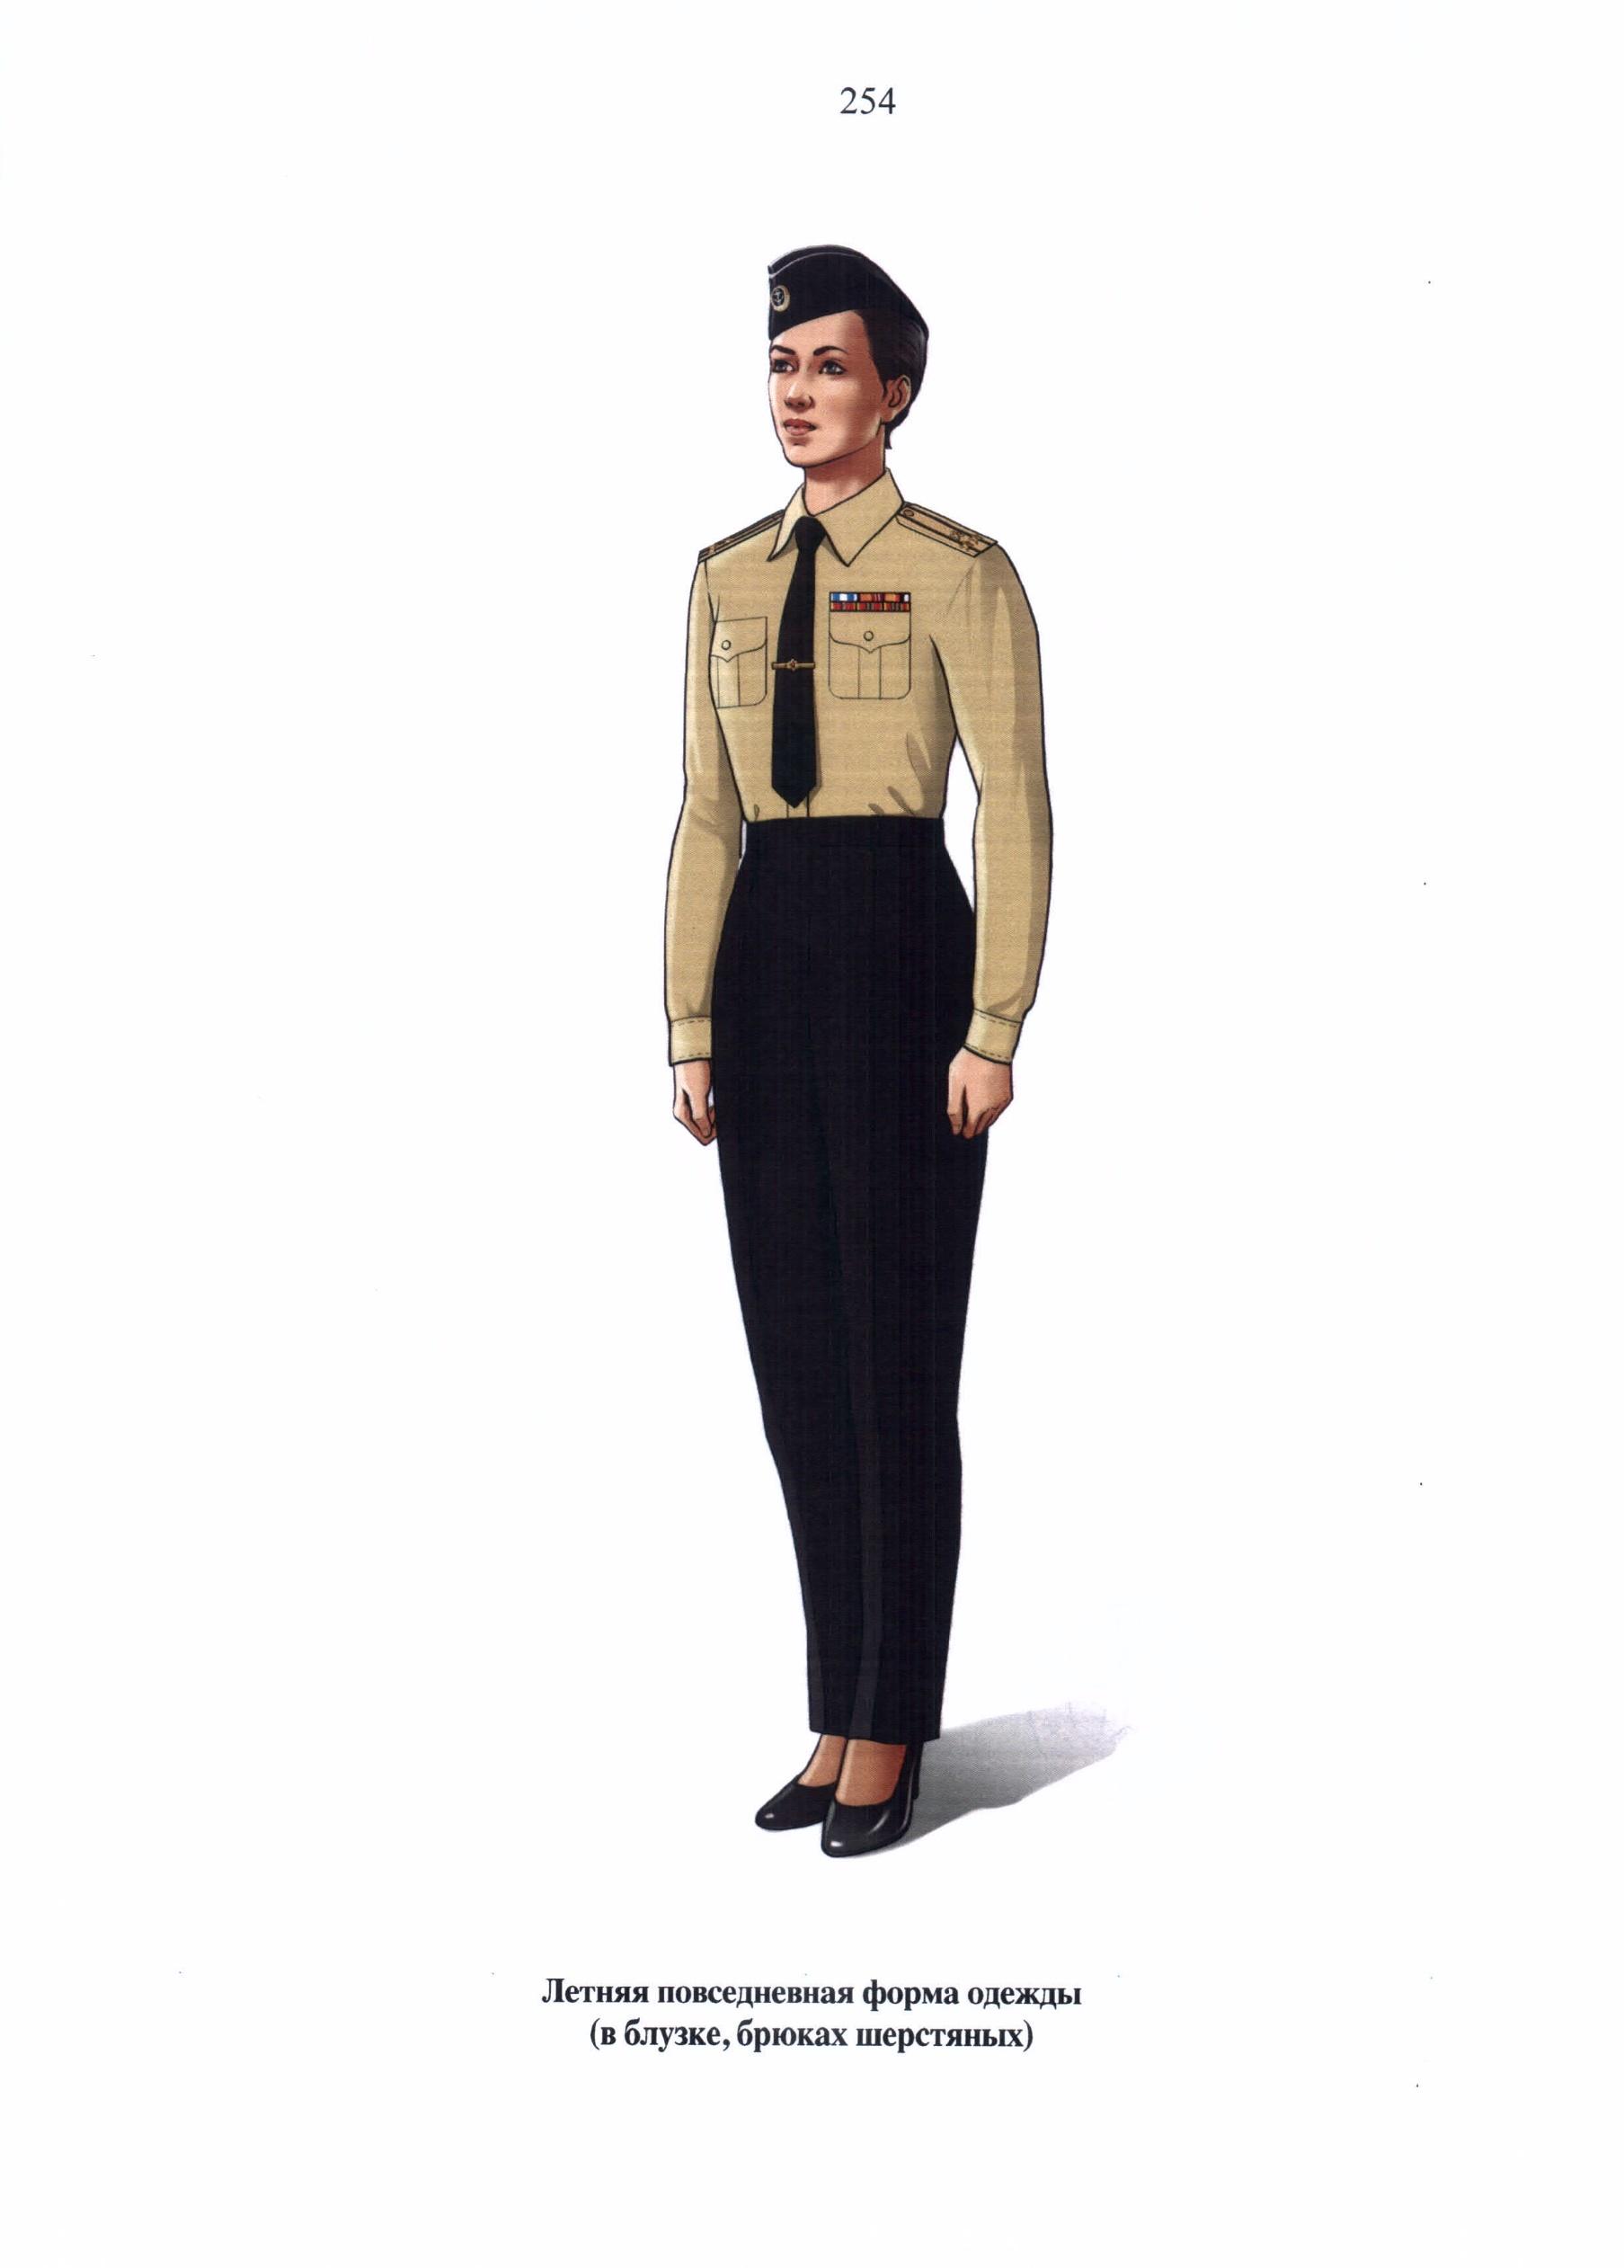 C:\Users\User\Desktop\Приказ МО РФ от 22.06.2015 г. № 300 Правила ношения военной формы одежды\183844.JPG